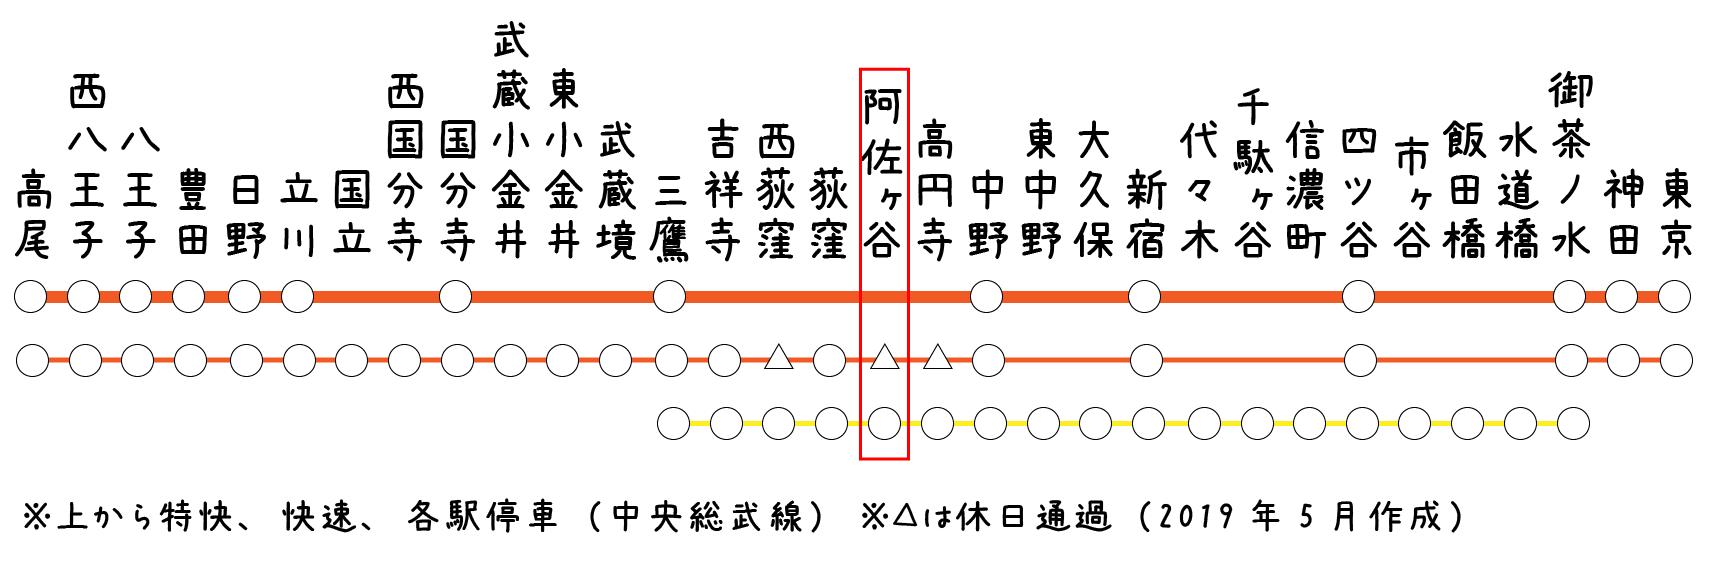 中央線のちょうど真ん中あたりにある「阿佐ヶ谷」駅。